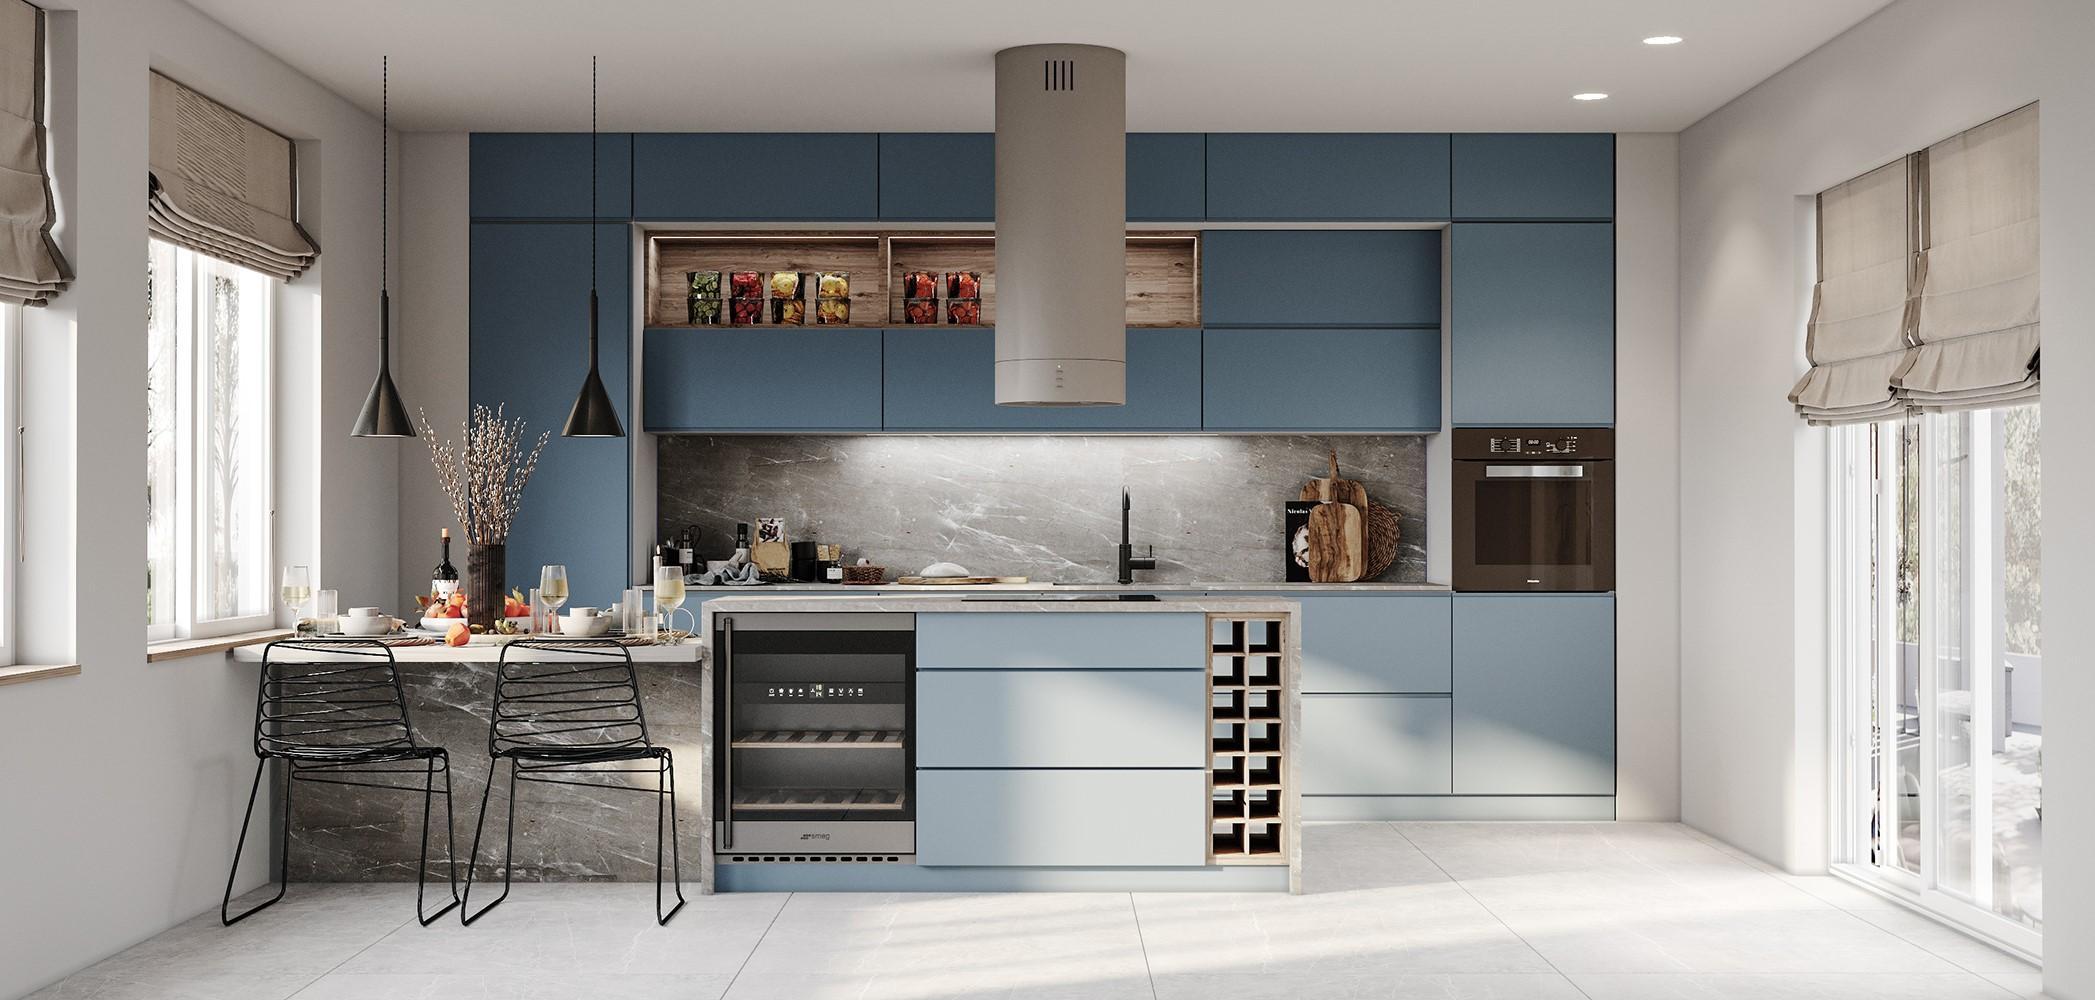 מטבח מודרני - מודולר מטבחים